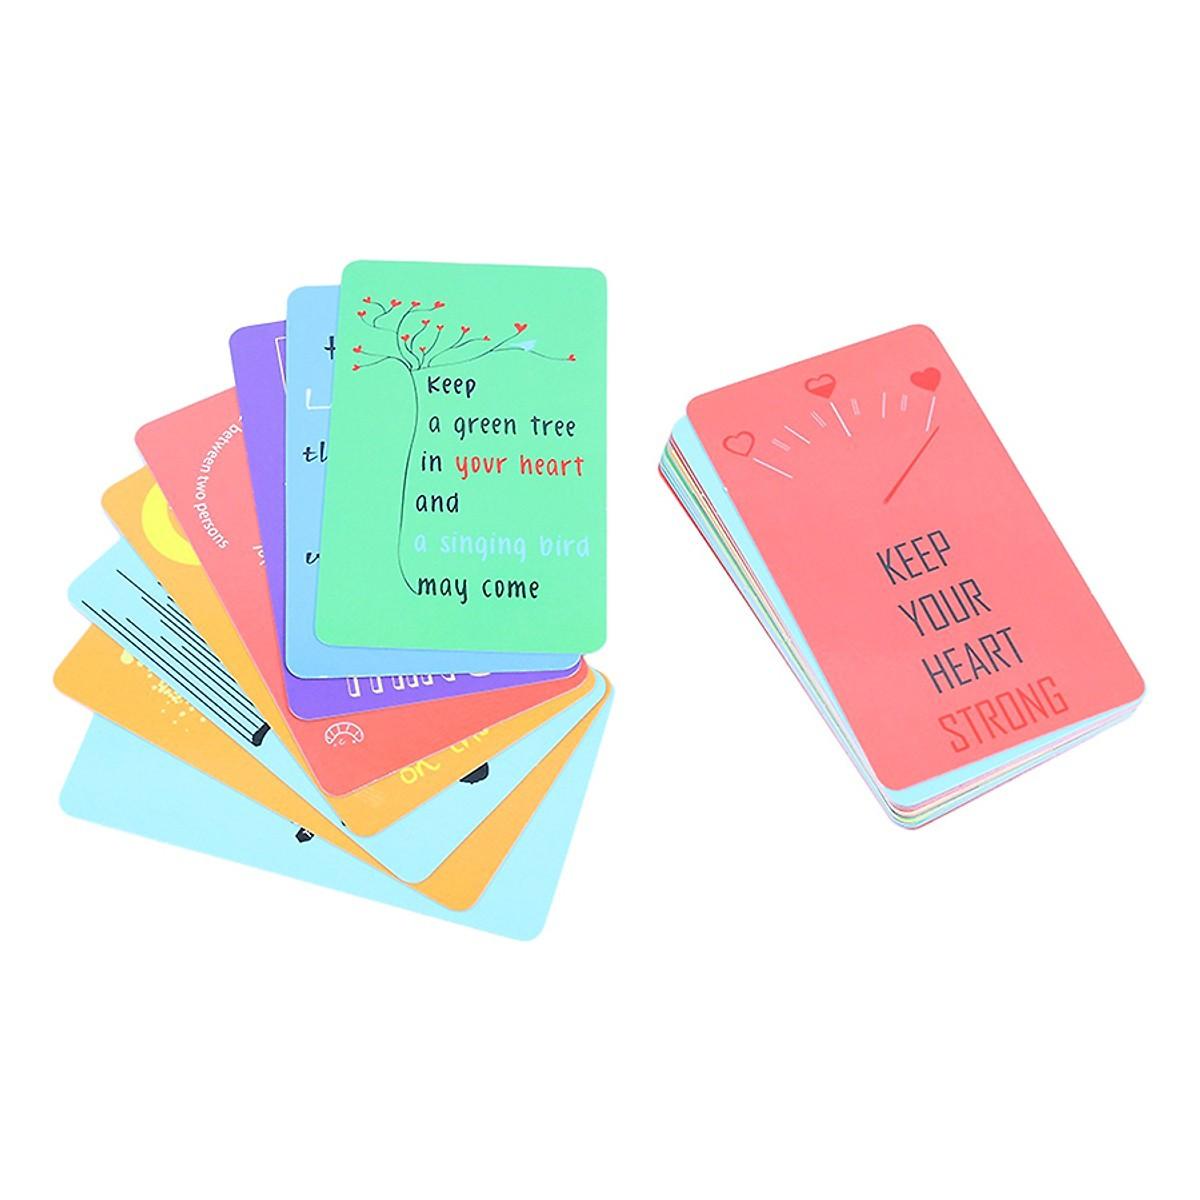 Combo Cẩm Nang Hay Về Sức Khỏe: TedBooks - Nghe Theo Cái Bụng + Nhân Tố Enzyme - Phương Thức Sống Lành Mạnh (Bí Quyết Để Có Một Cơ Thể Hoàn Hảo / Tặng Kèm Bookmark Happy Life)